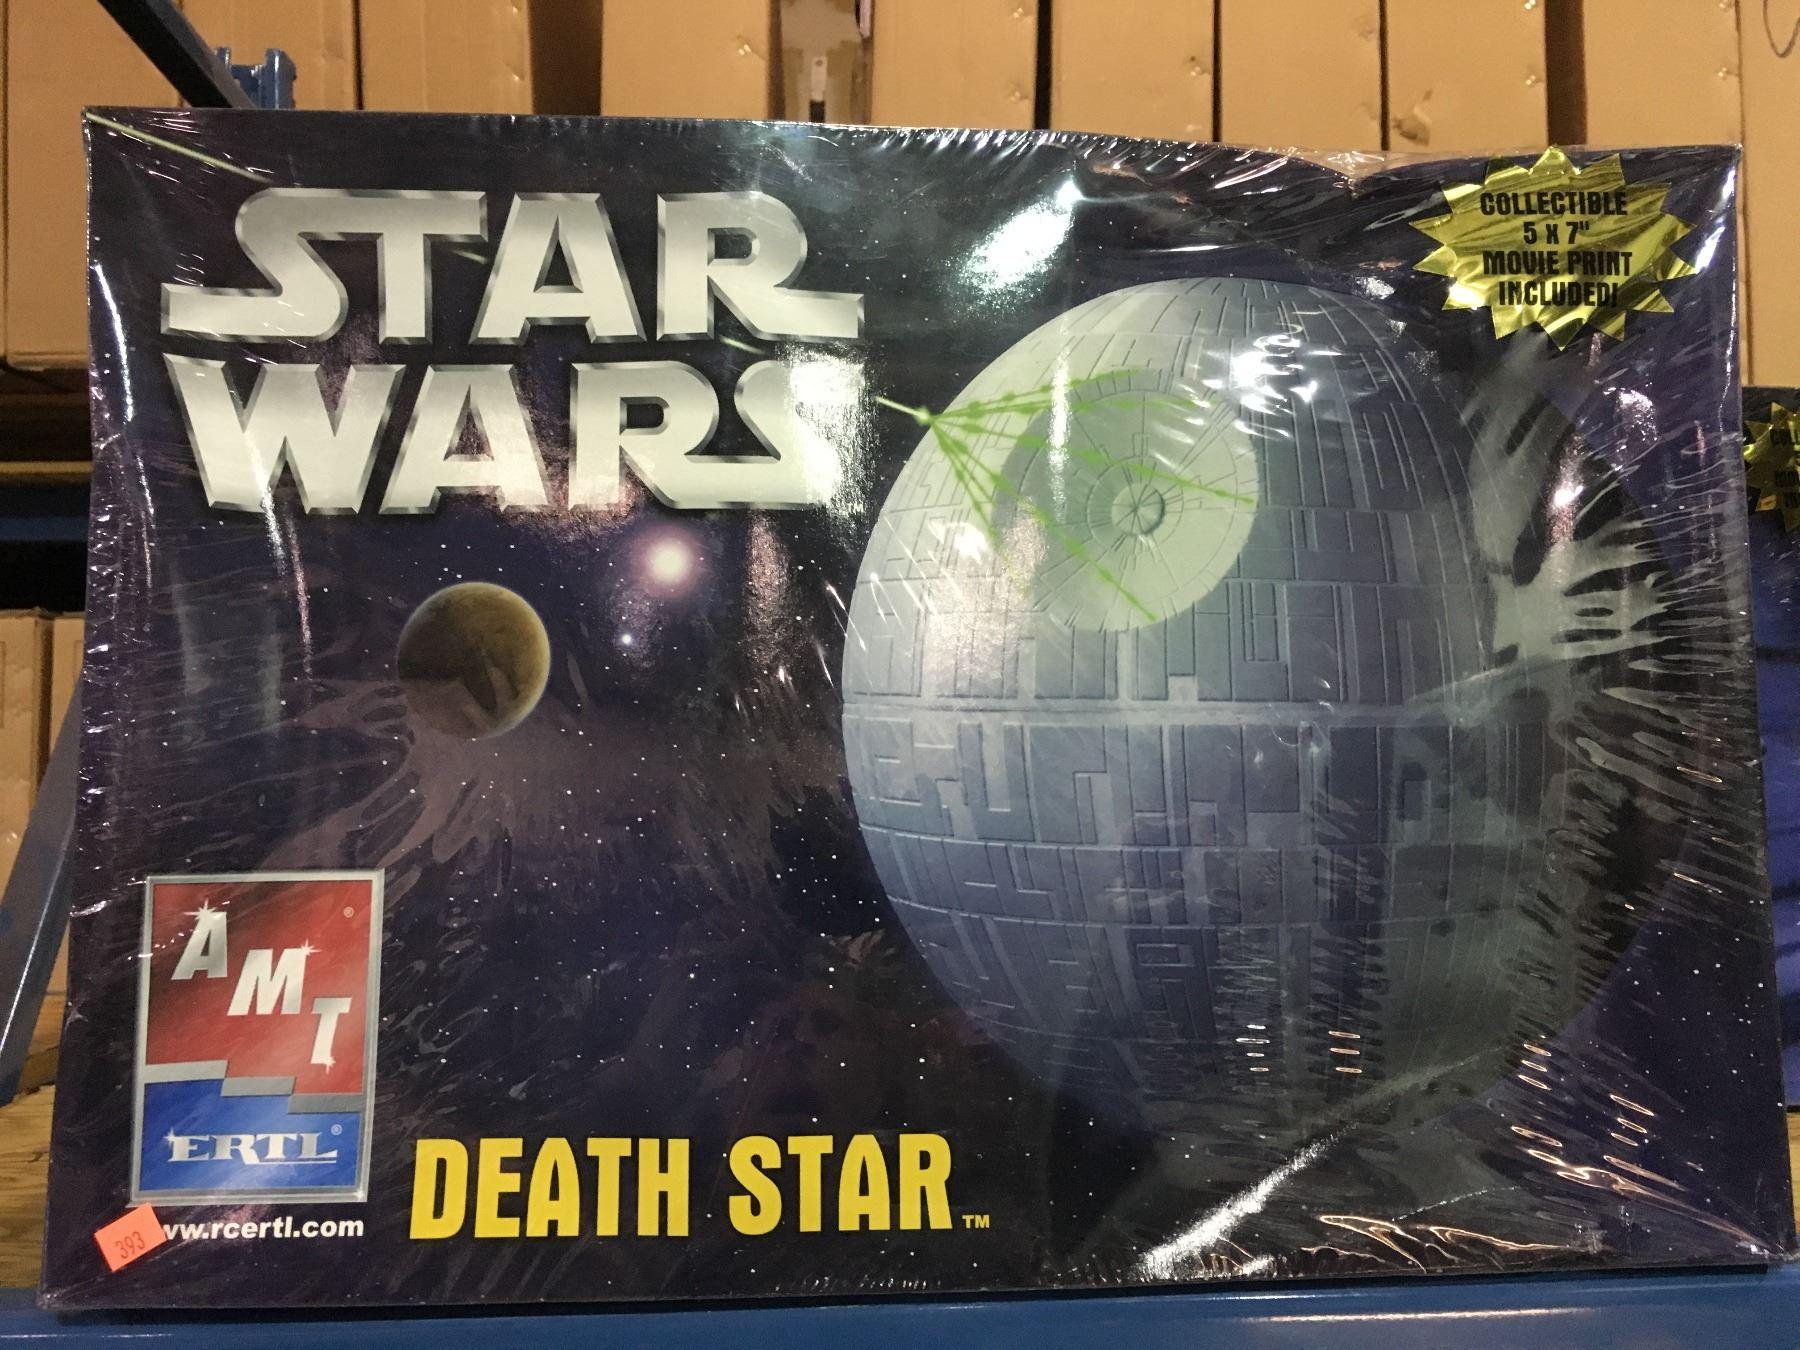 AMT STAR WARS DEATH STAR MODEL KIT